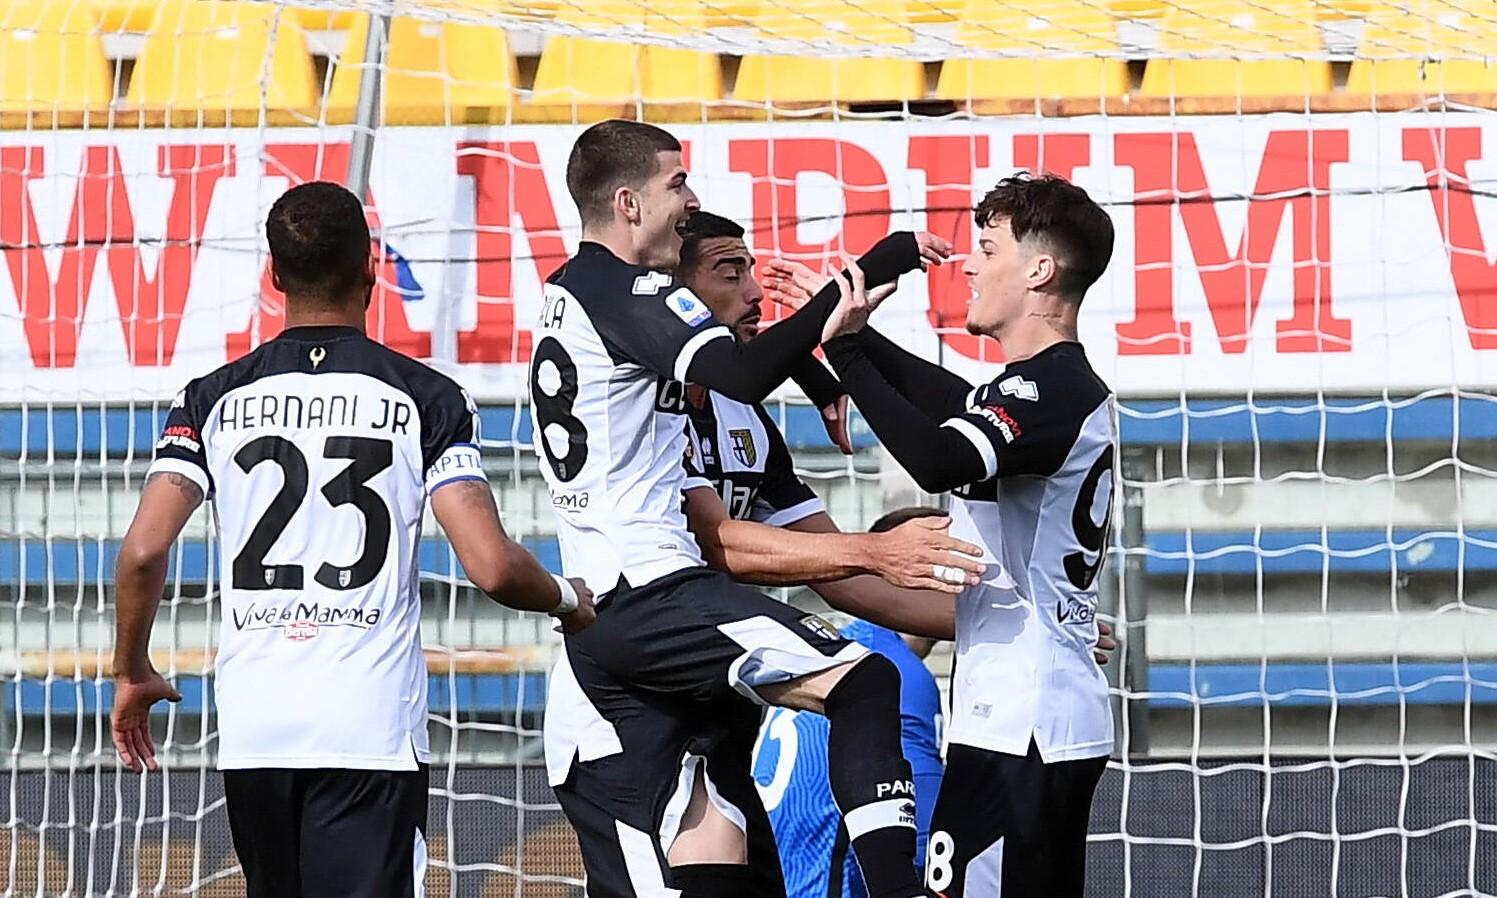 Dennis Man și Valentin Mihăilă au succes la Parma